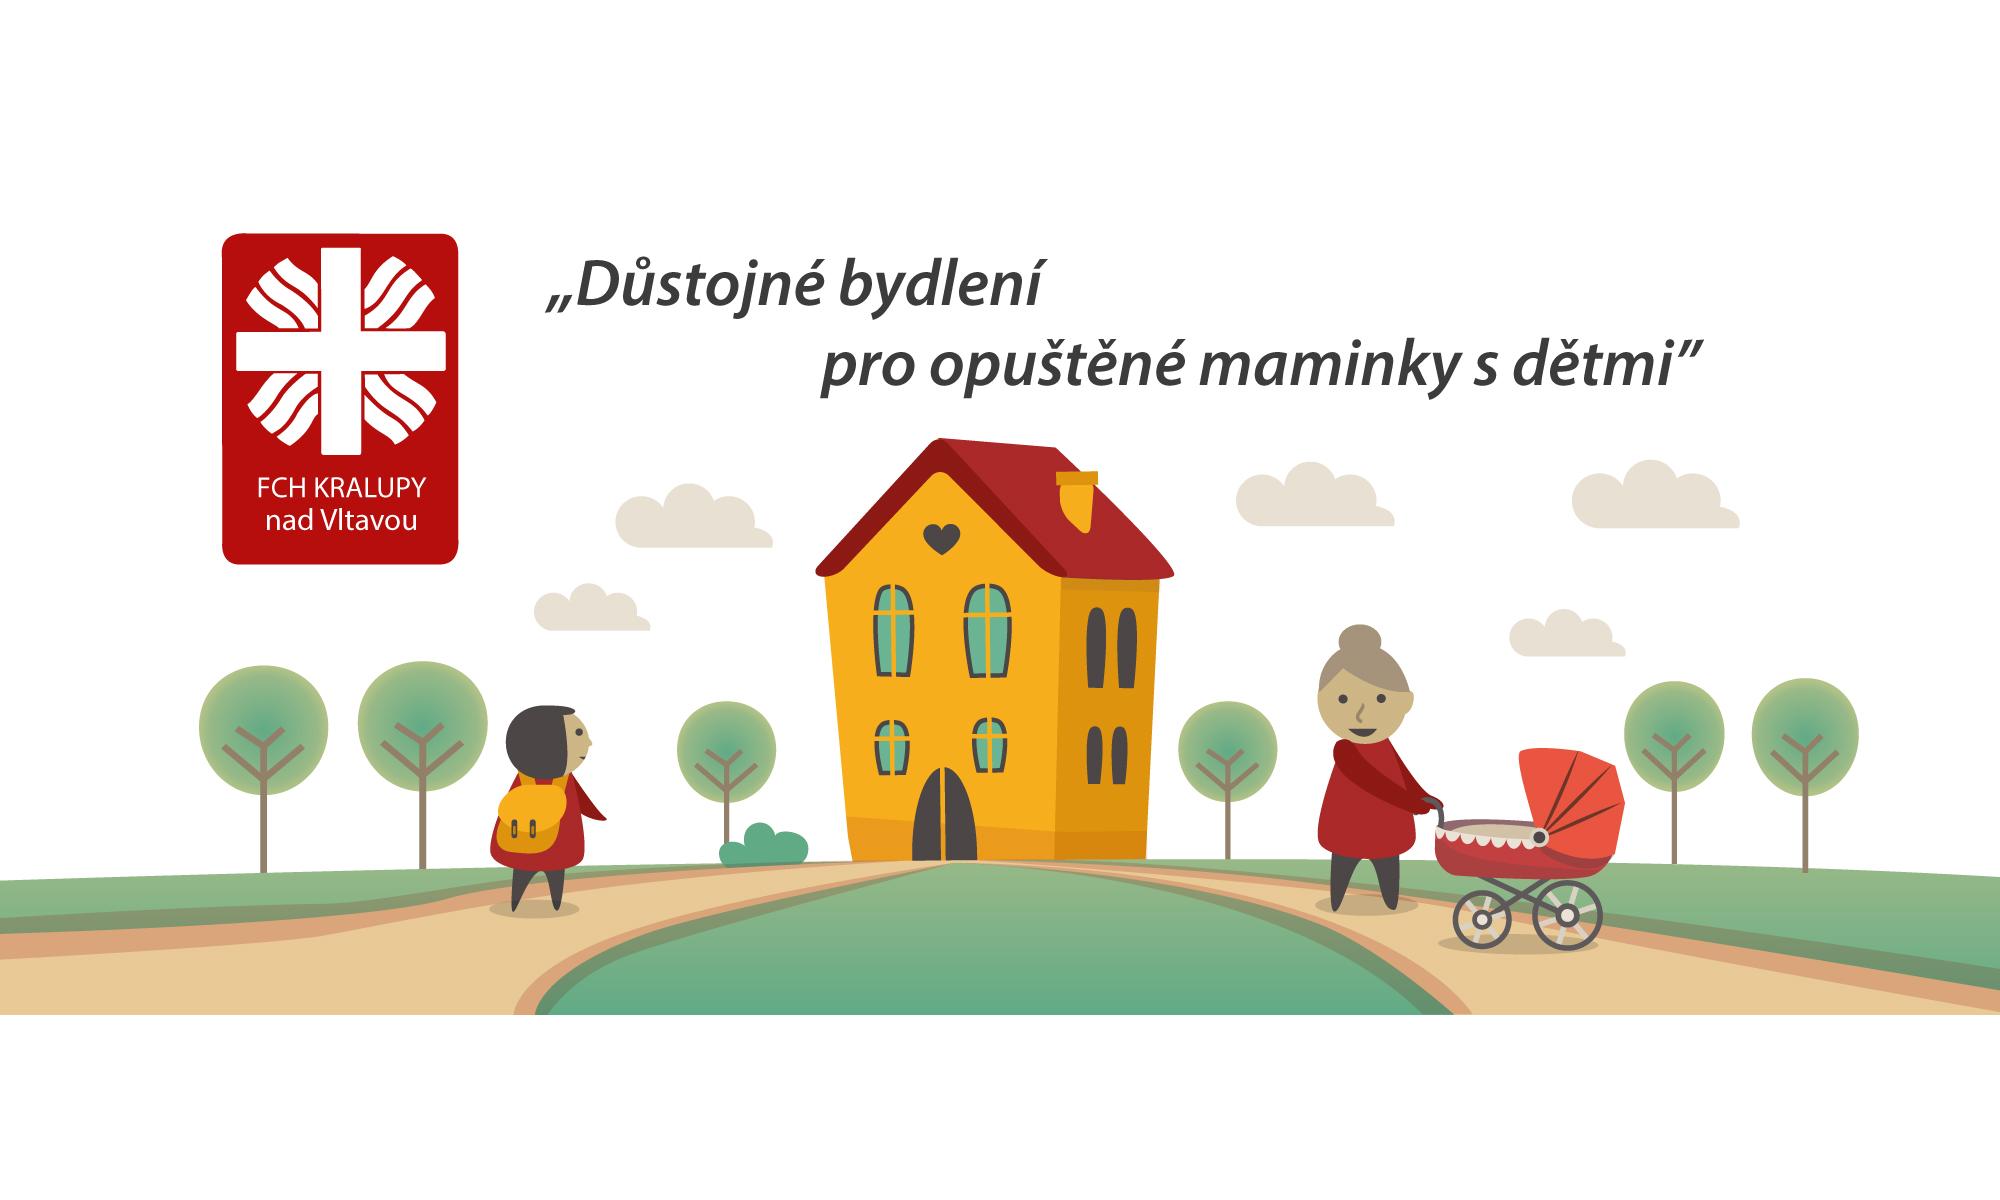 pomoztenampomahat.cz